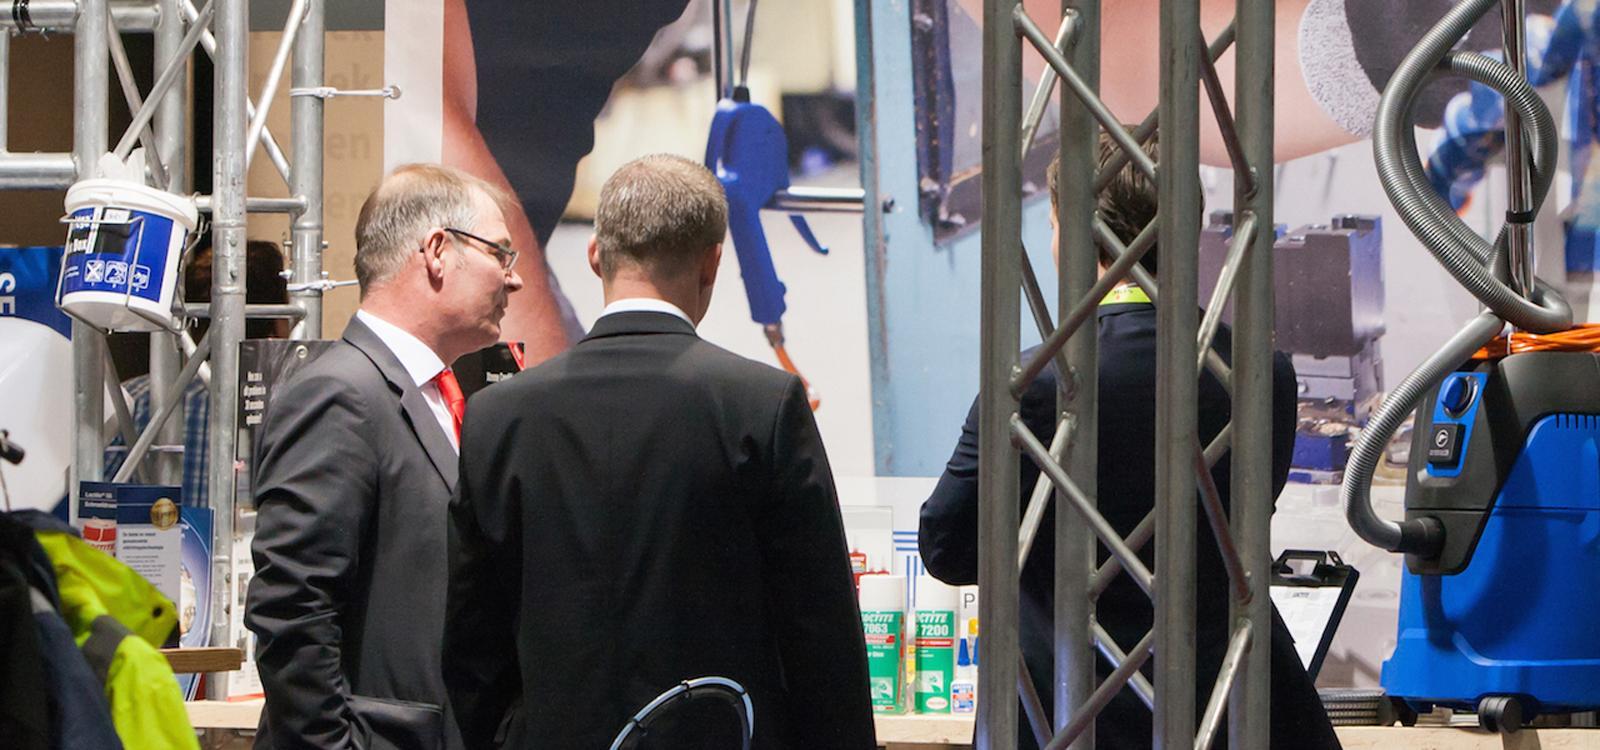 Maintenance-Next Amsterdam конференция Амстердам